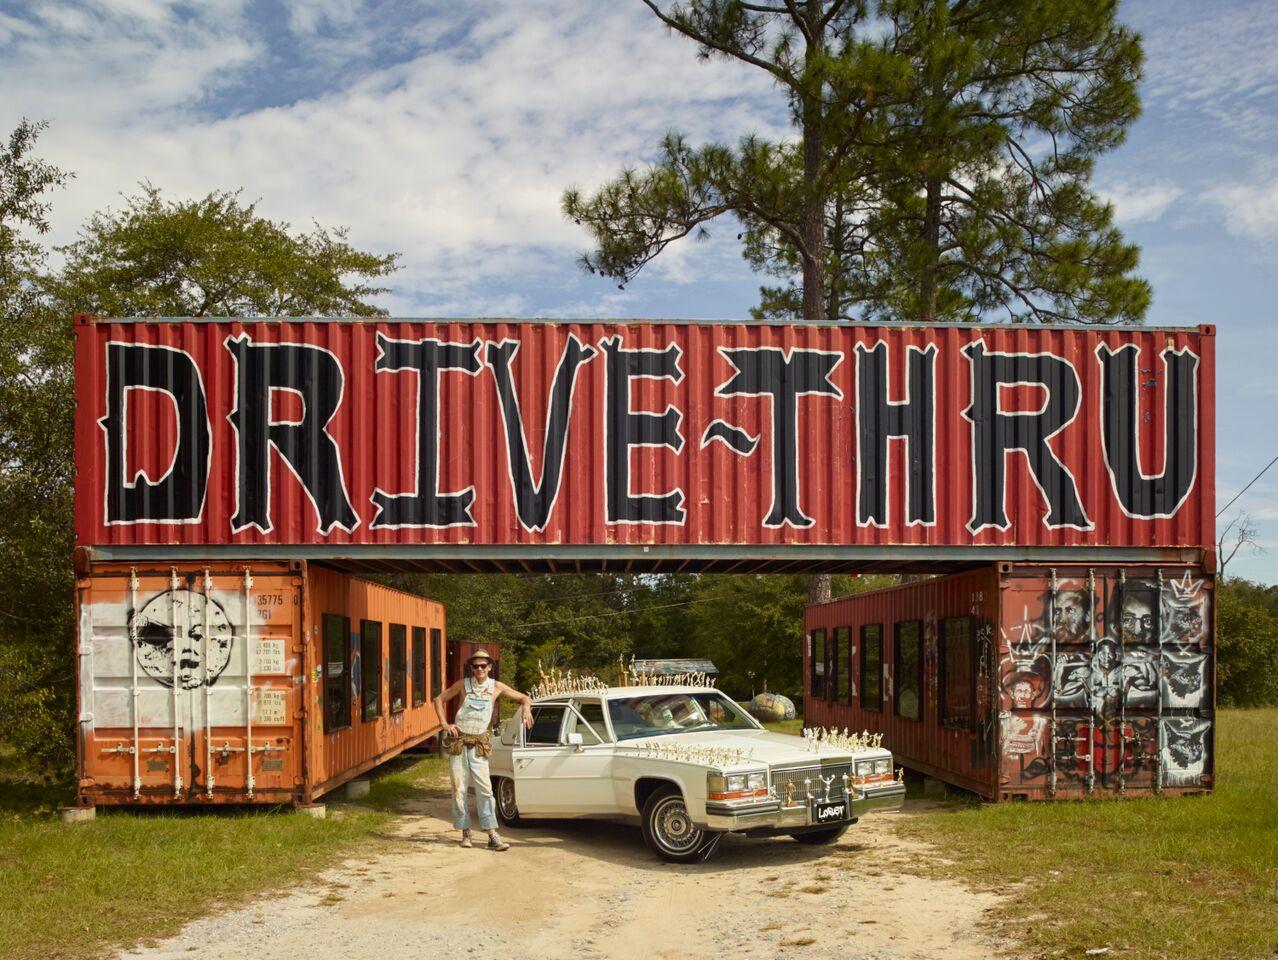 970 Hwy 169 Seale, Alabama 36875 |  museumofwonder.com